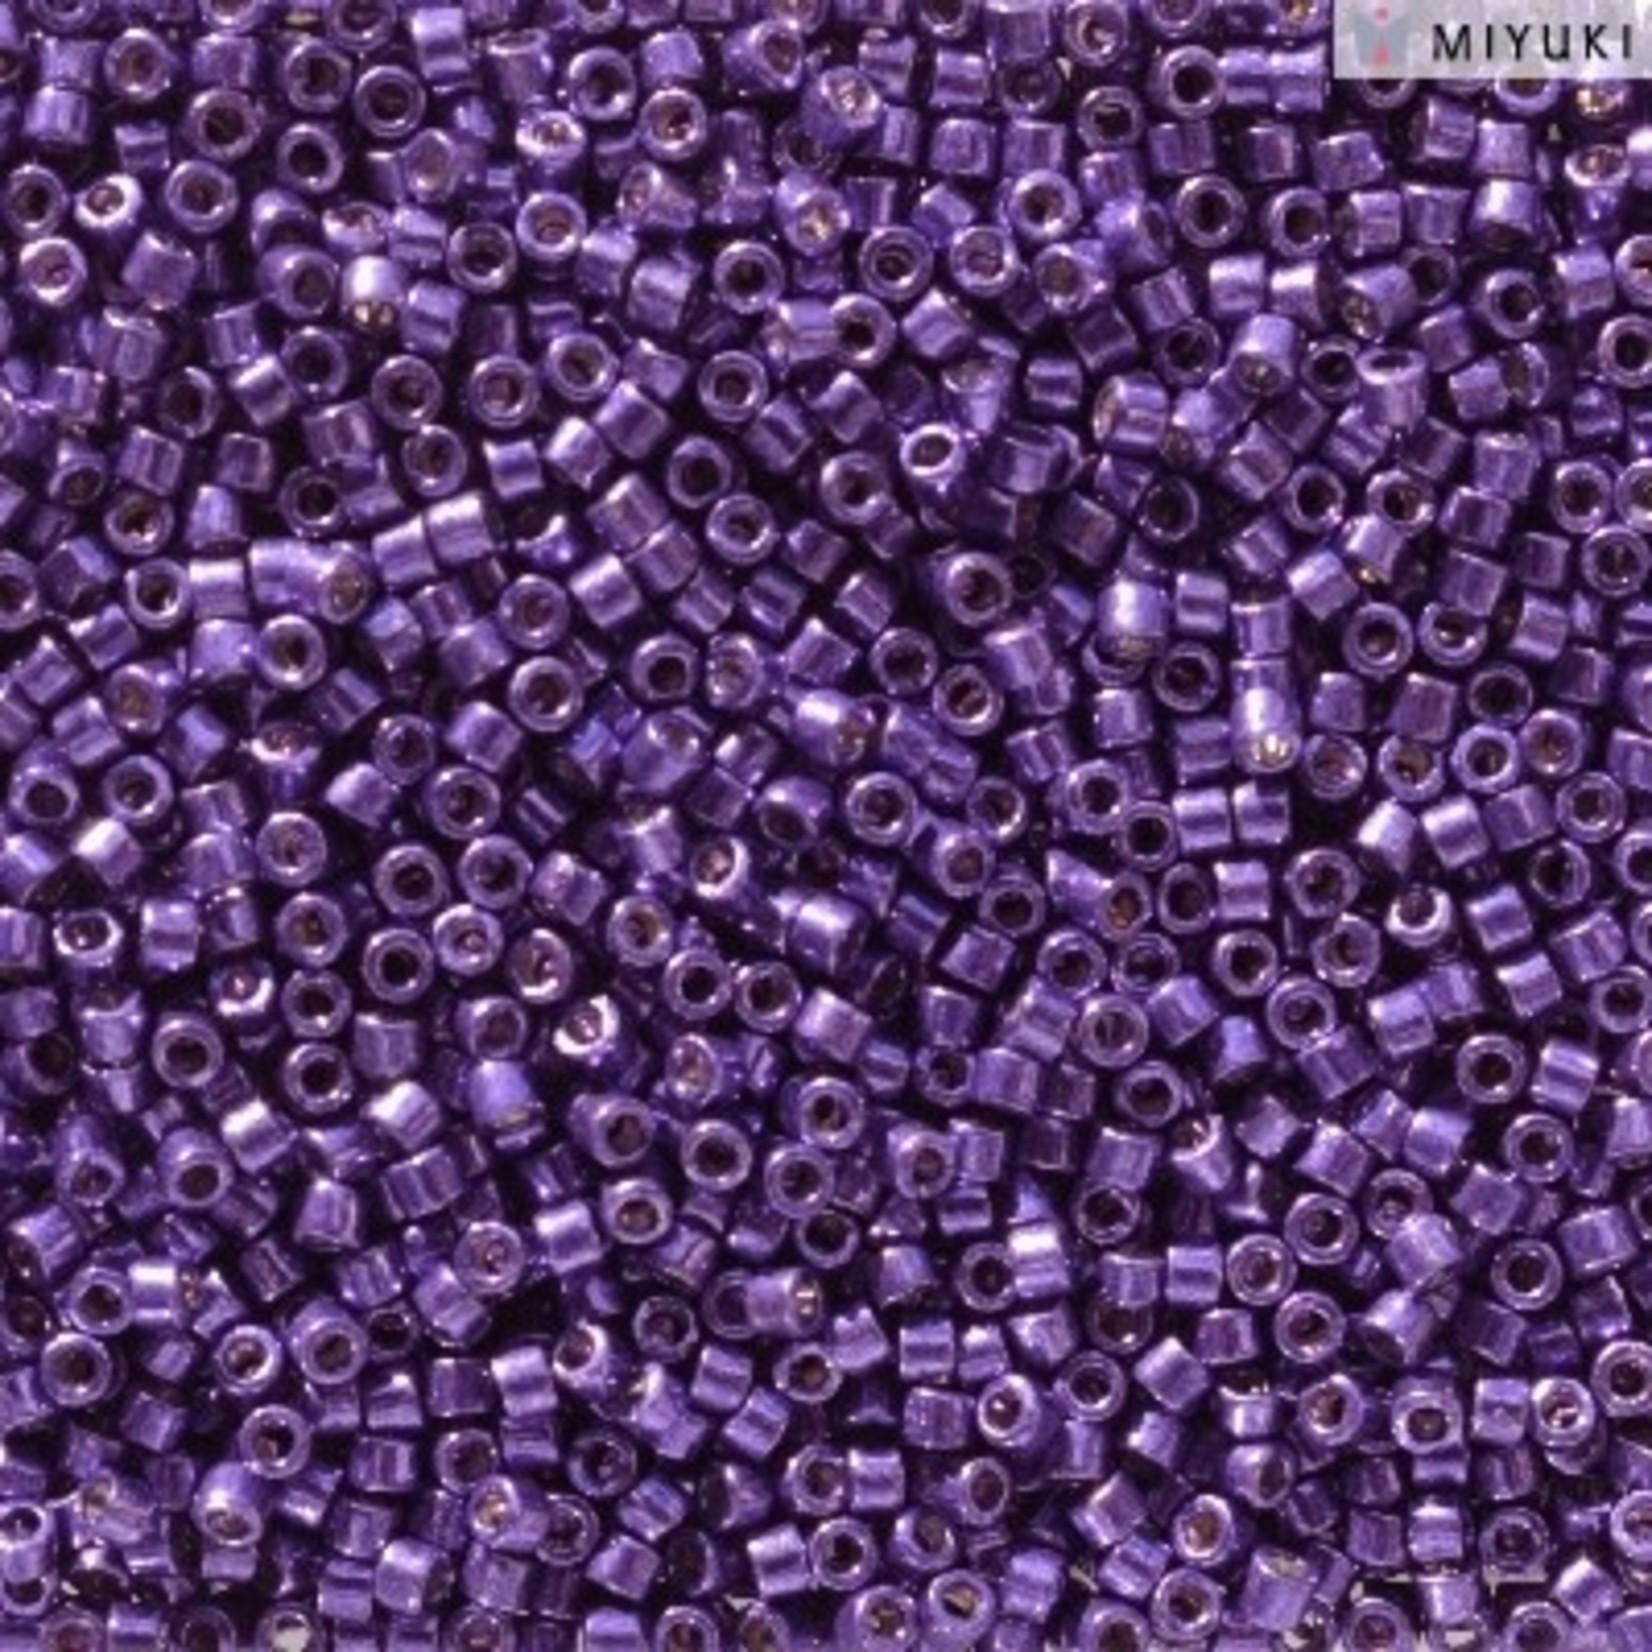 Miyuki 7.2 GM DB2510 11/0 Delica: Lilac Night DC GA (APX 1400 PCS)